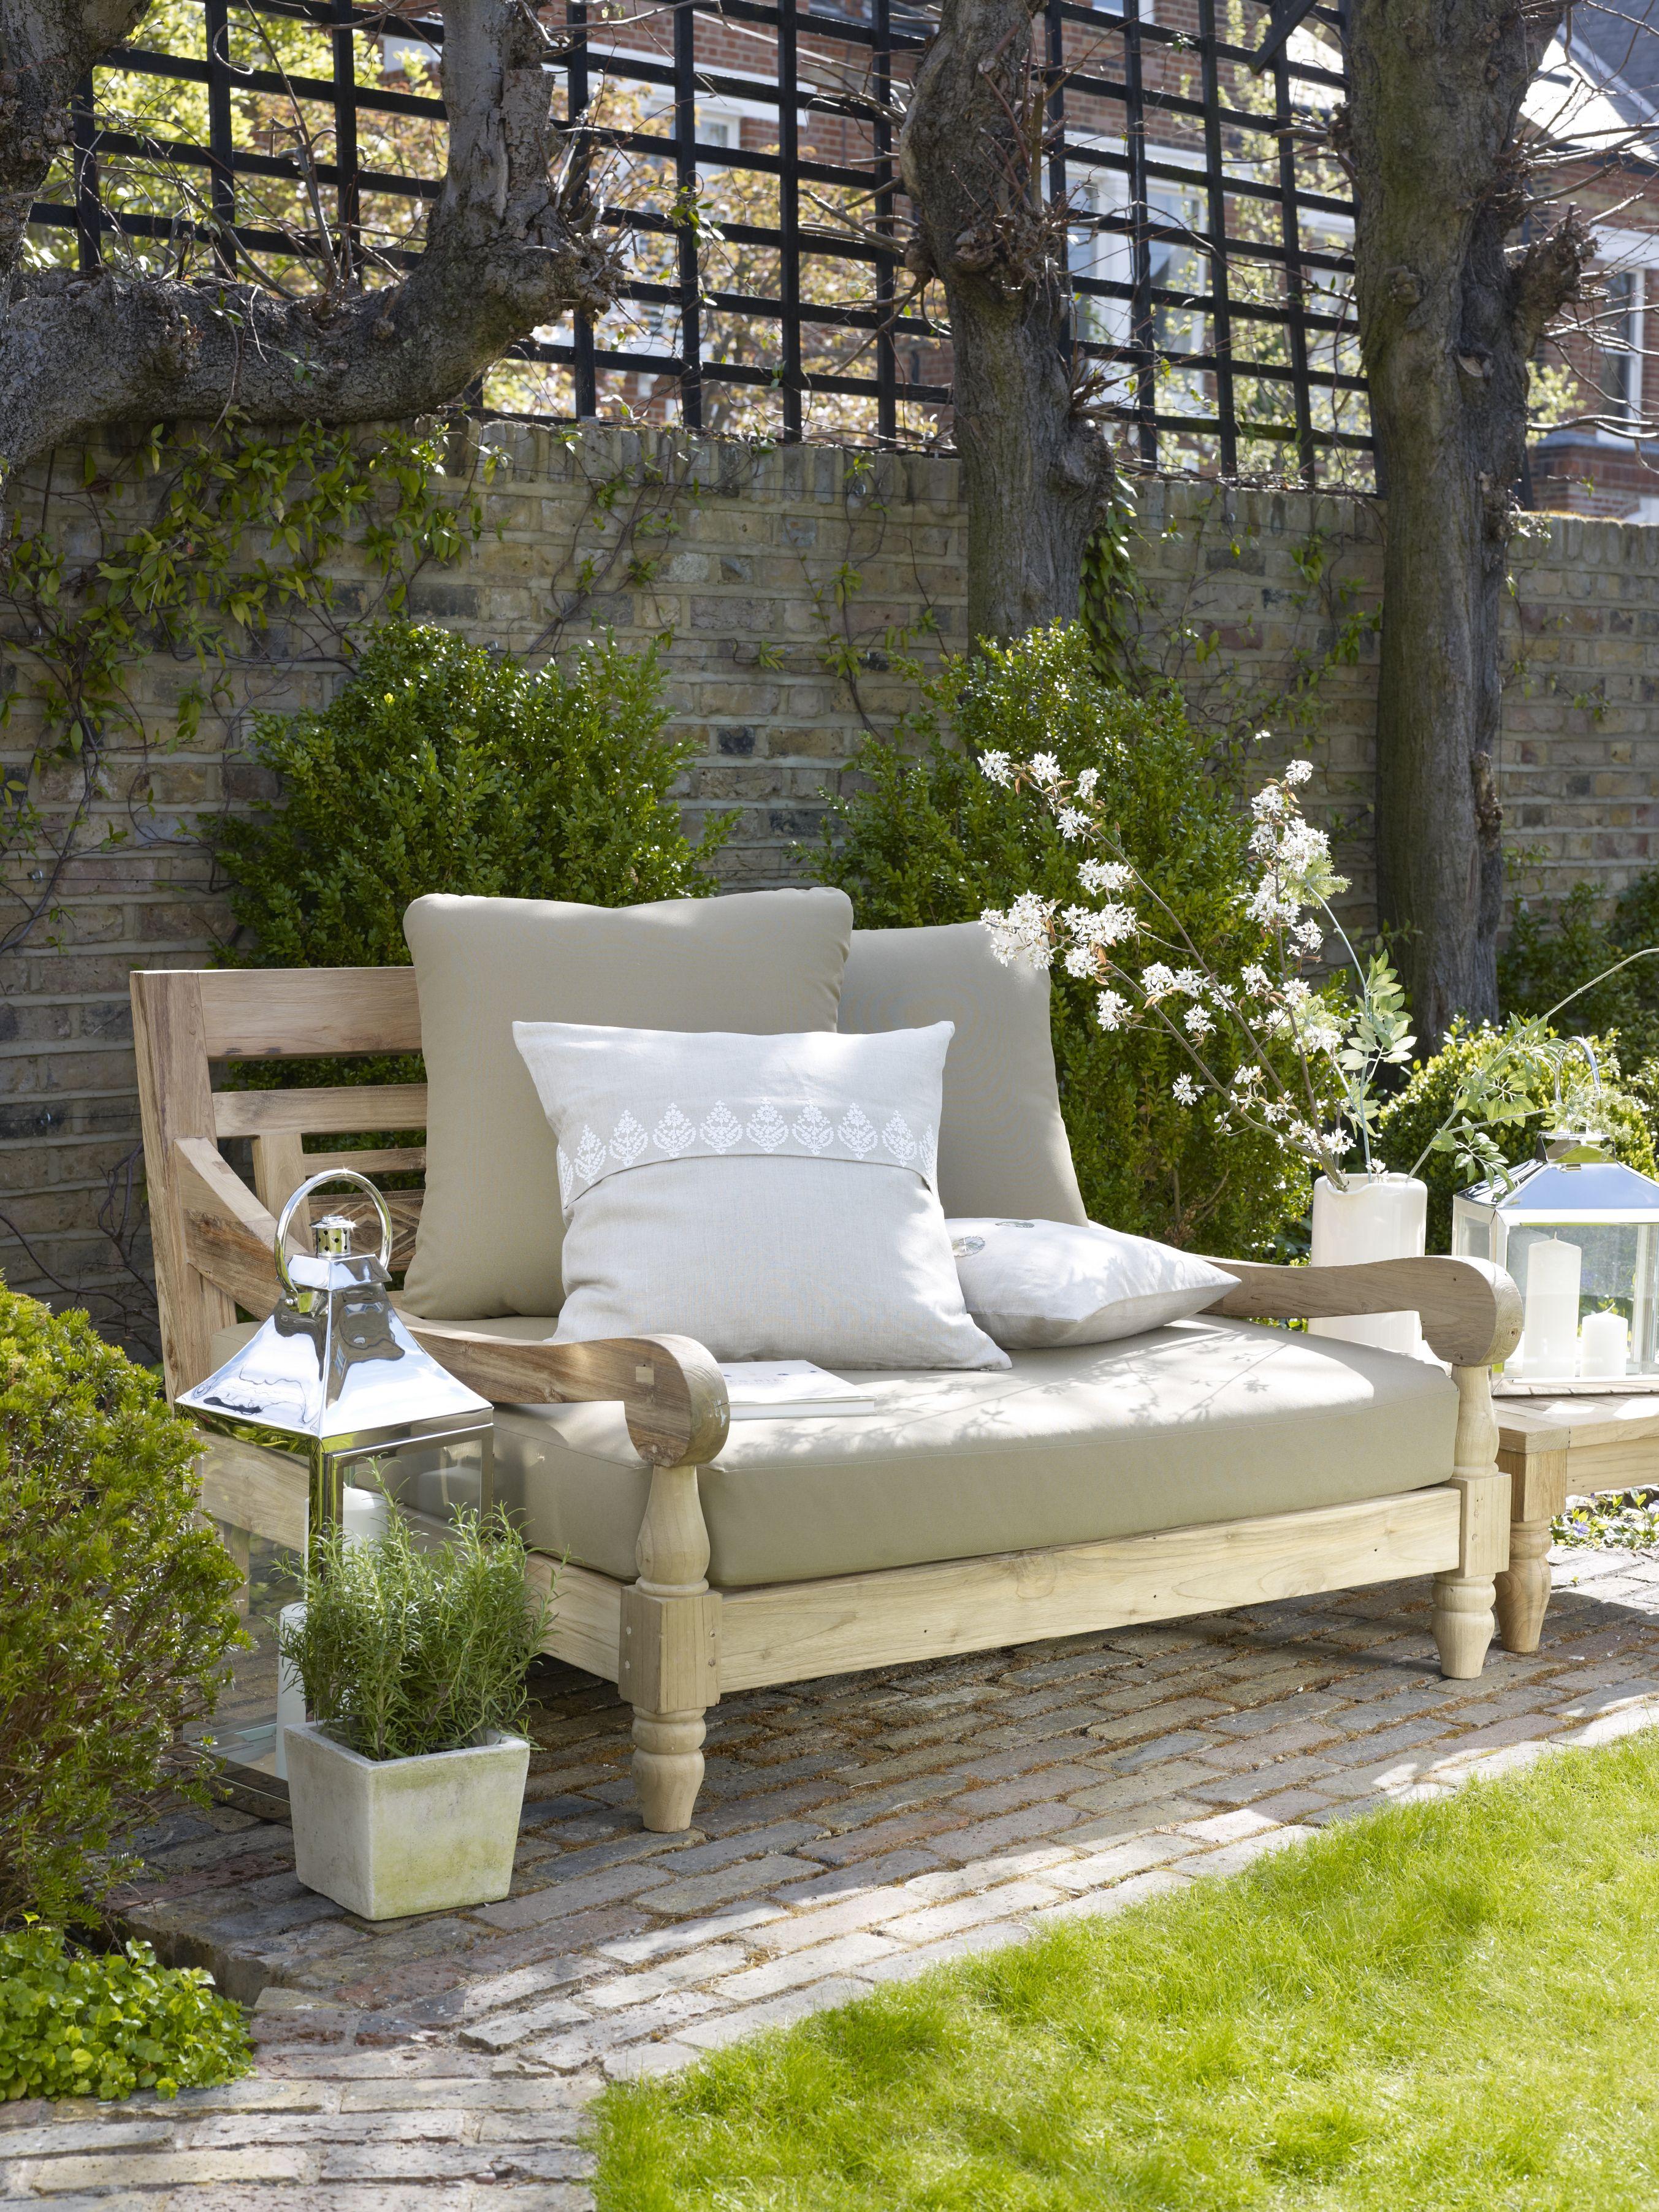 garden love seat on outdoor love seat teak outdoor furniture teak patio furniture teak garden furniture teak outdoor furniture teak